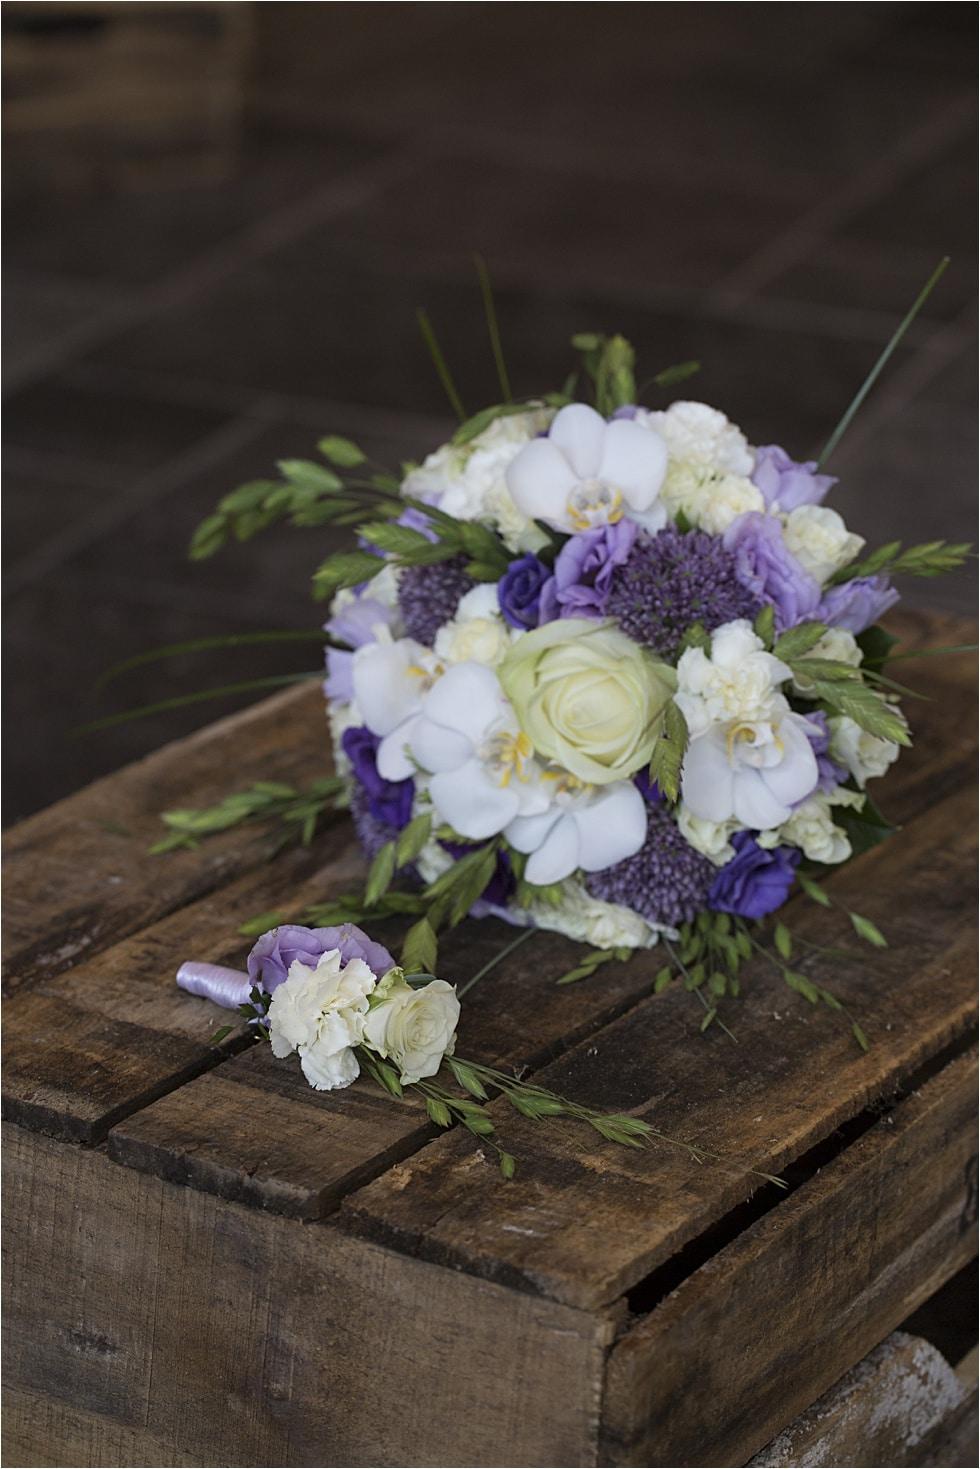 brudebuket interflora leverandør vejle fotograf Tine hvolby62